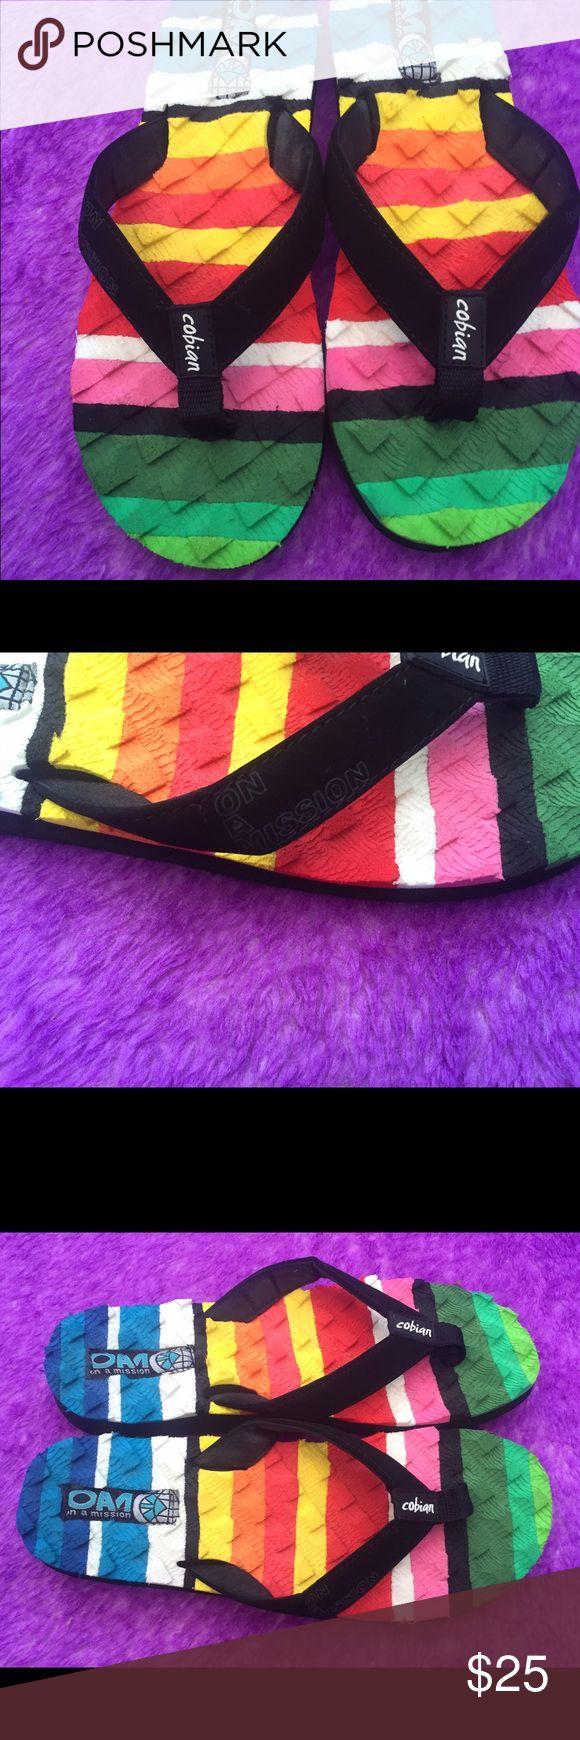 Cobian flip flops M6 L8 Excellent condition Cobian Shoes Sandals